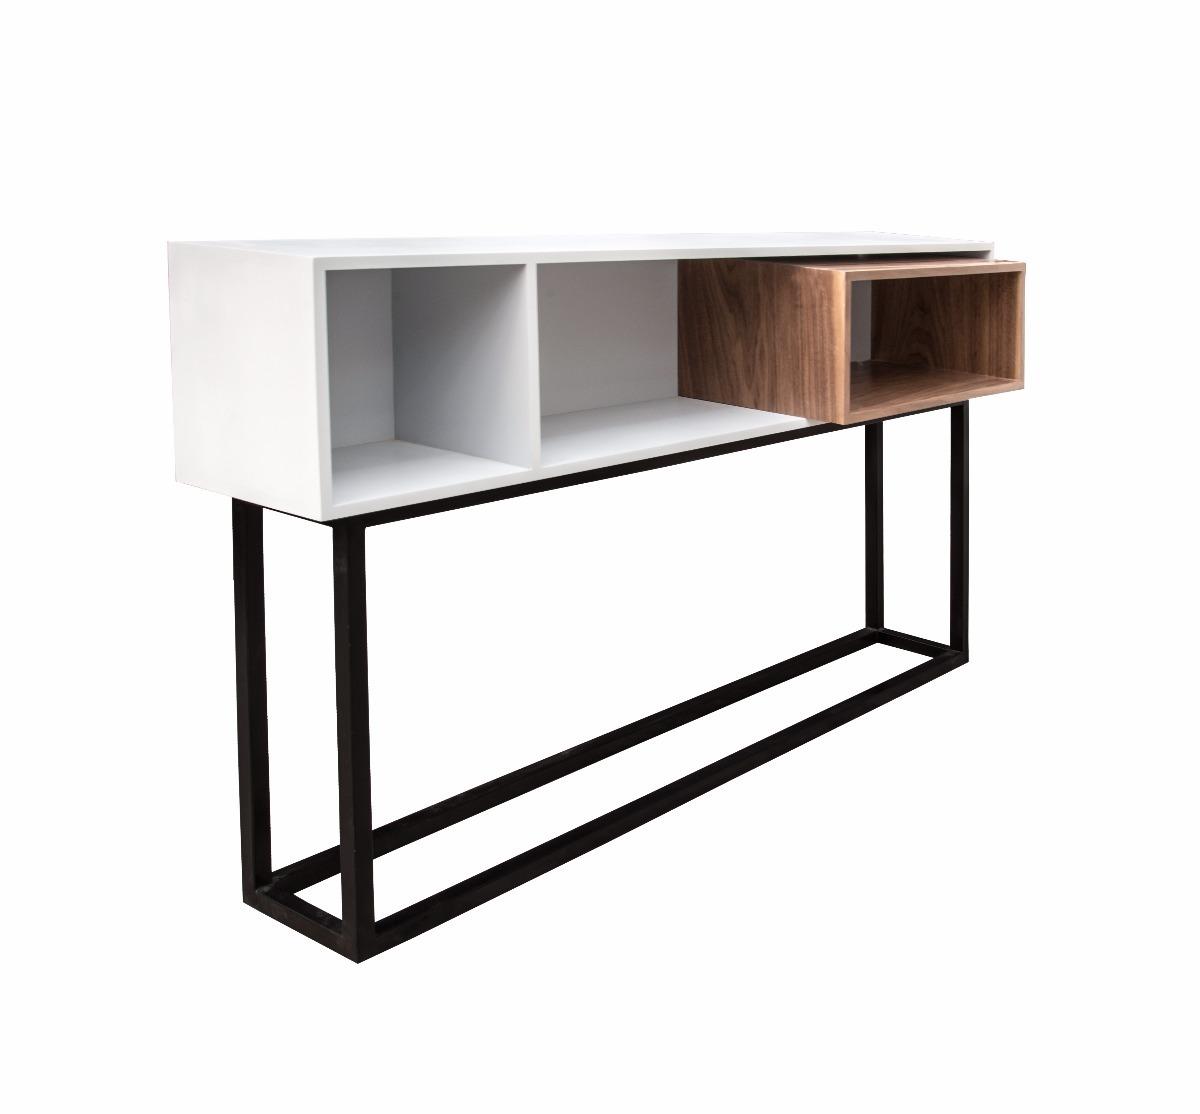 Muebles Comodas Modernas En Mercado Libre M Xico # Muebles Bufeteros Modernos